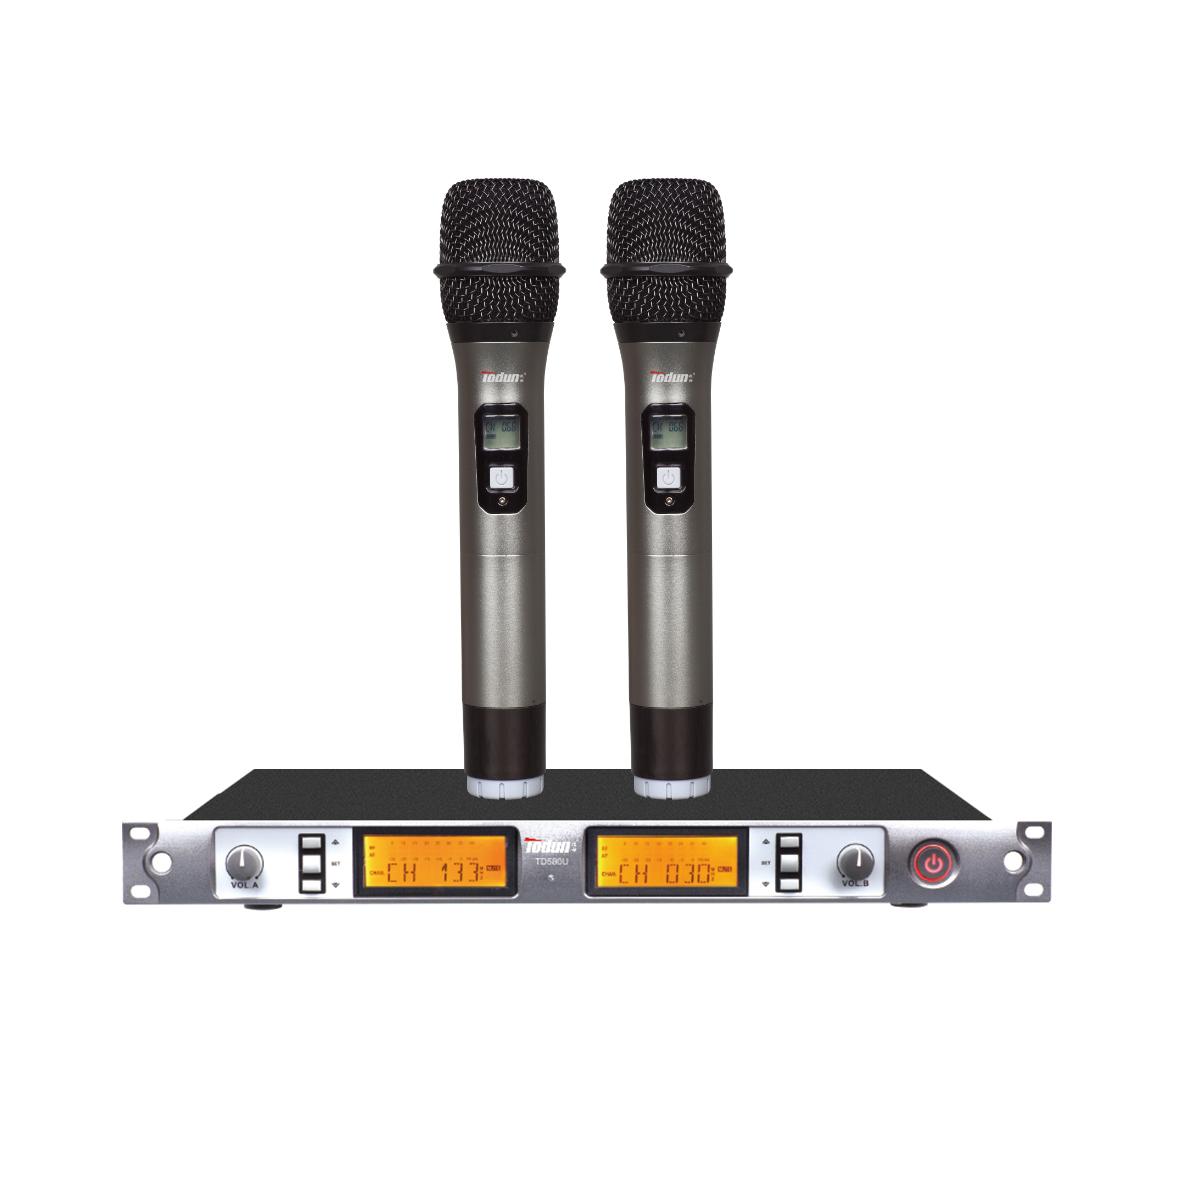 无线麦克风KTV 专业无线话筒TD580U 手持式无线麦克风 可选头戴 领夹话筒